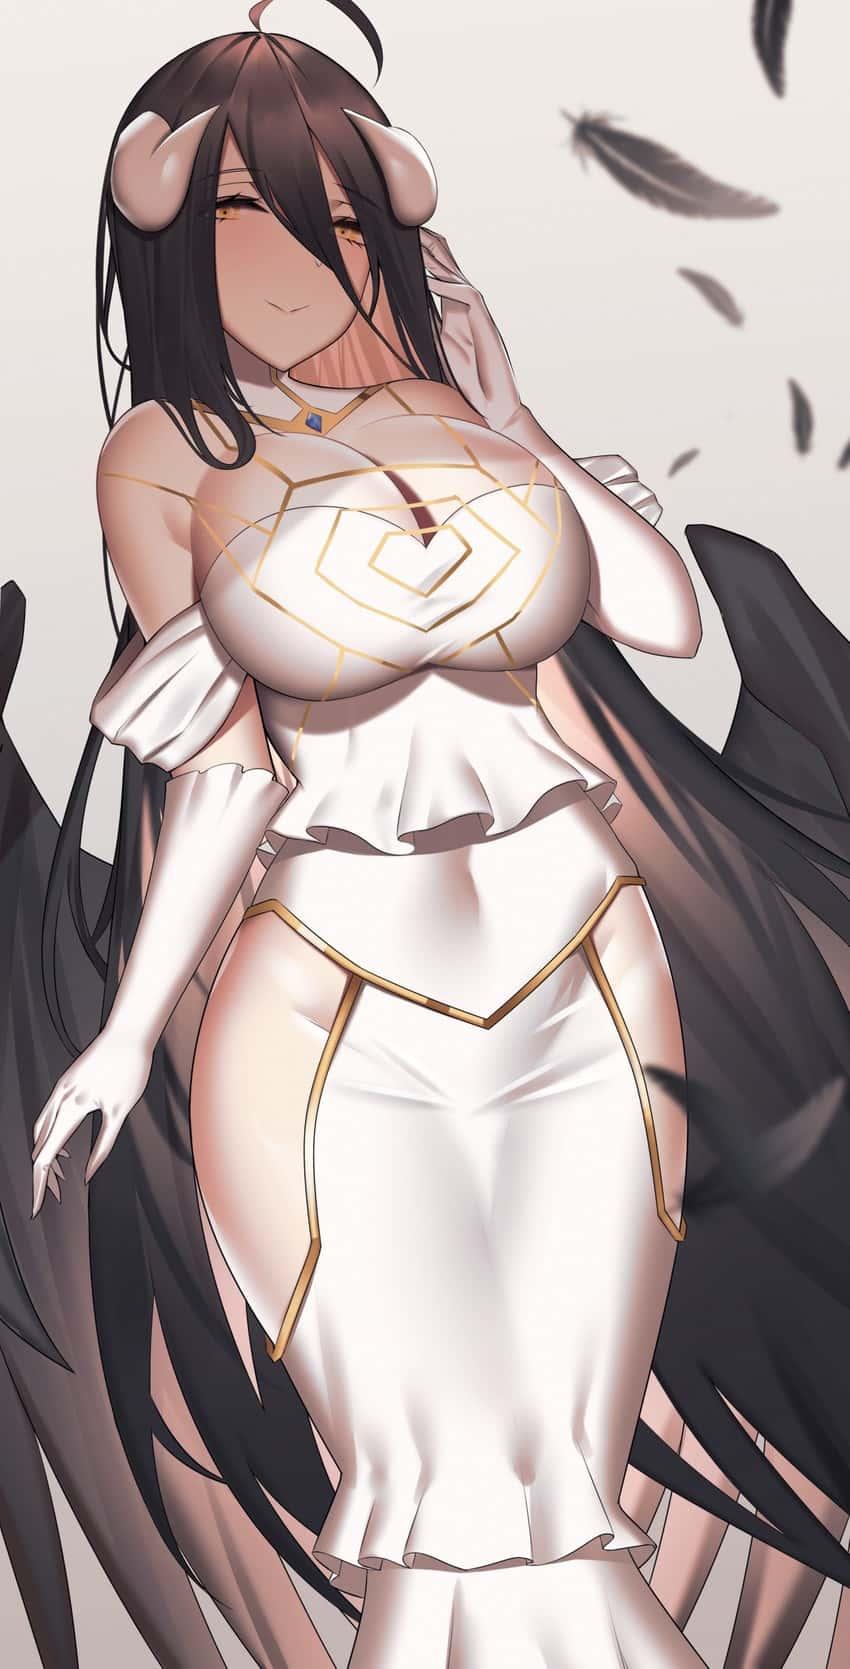 albedo overlord328 - 【オーバーロード】アルベドのエロ画像:イラスト その10